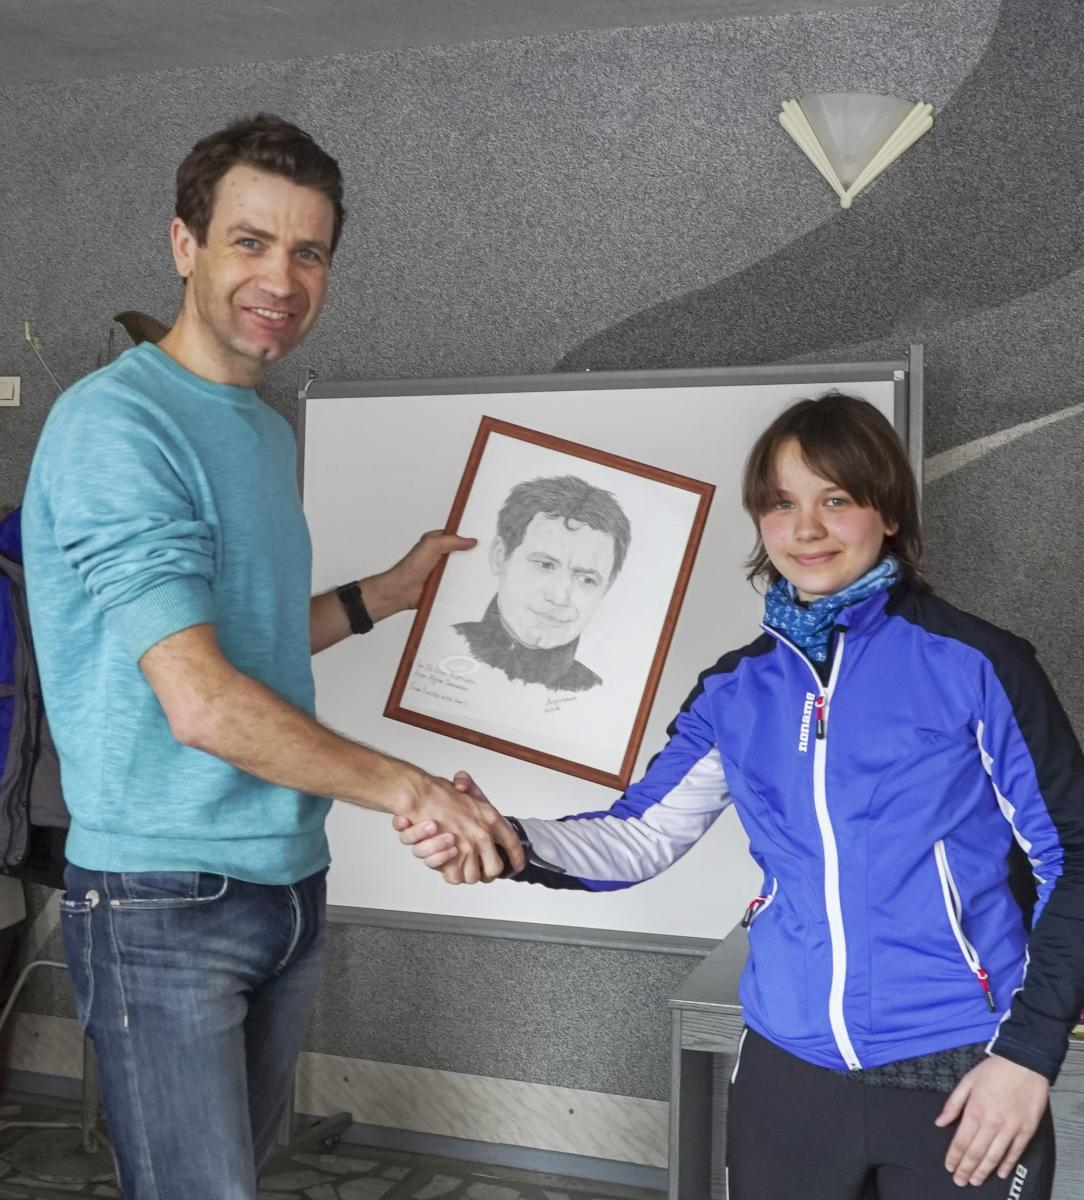 Вологодский спортсмен по лыжам знаменитый фото 255-800